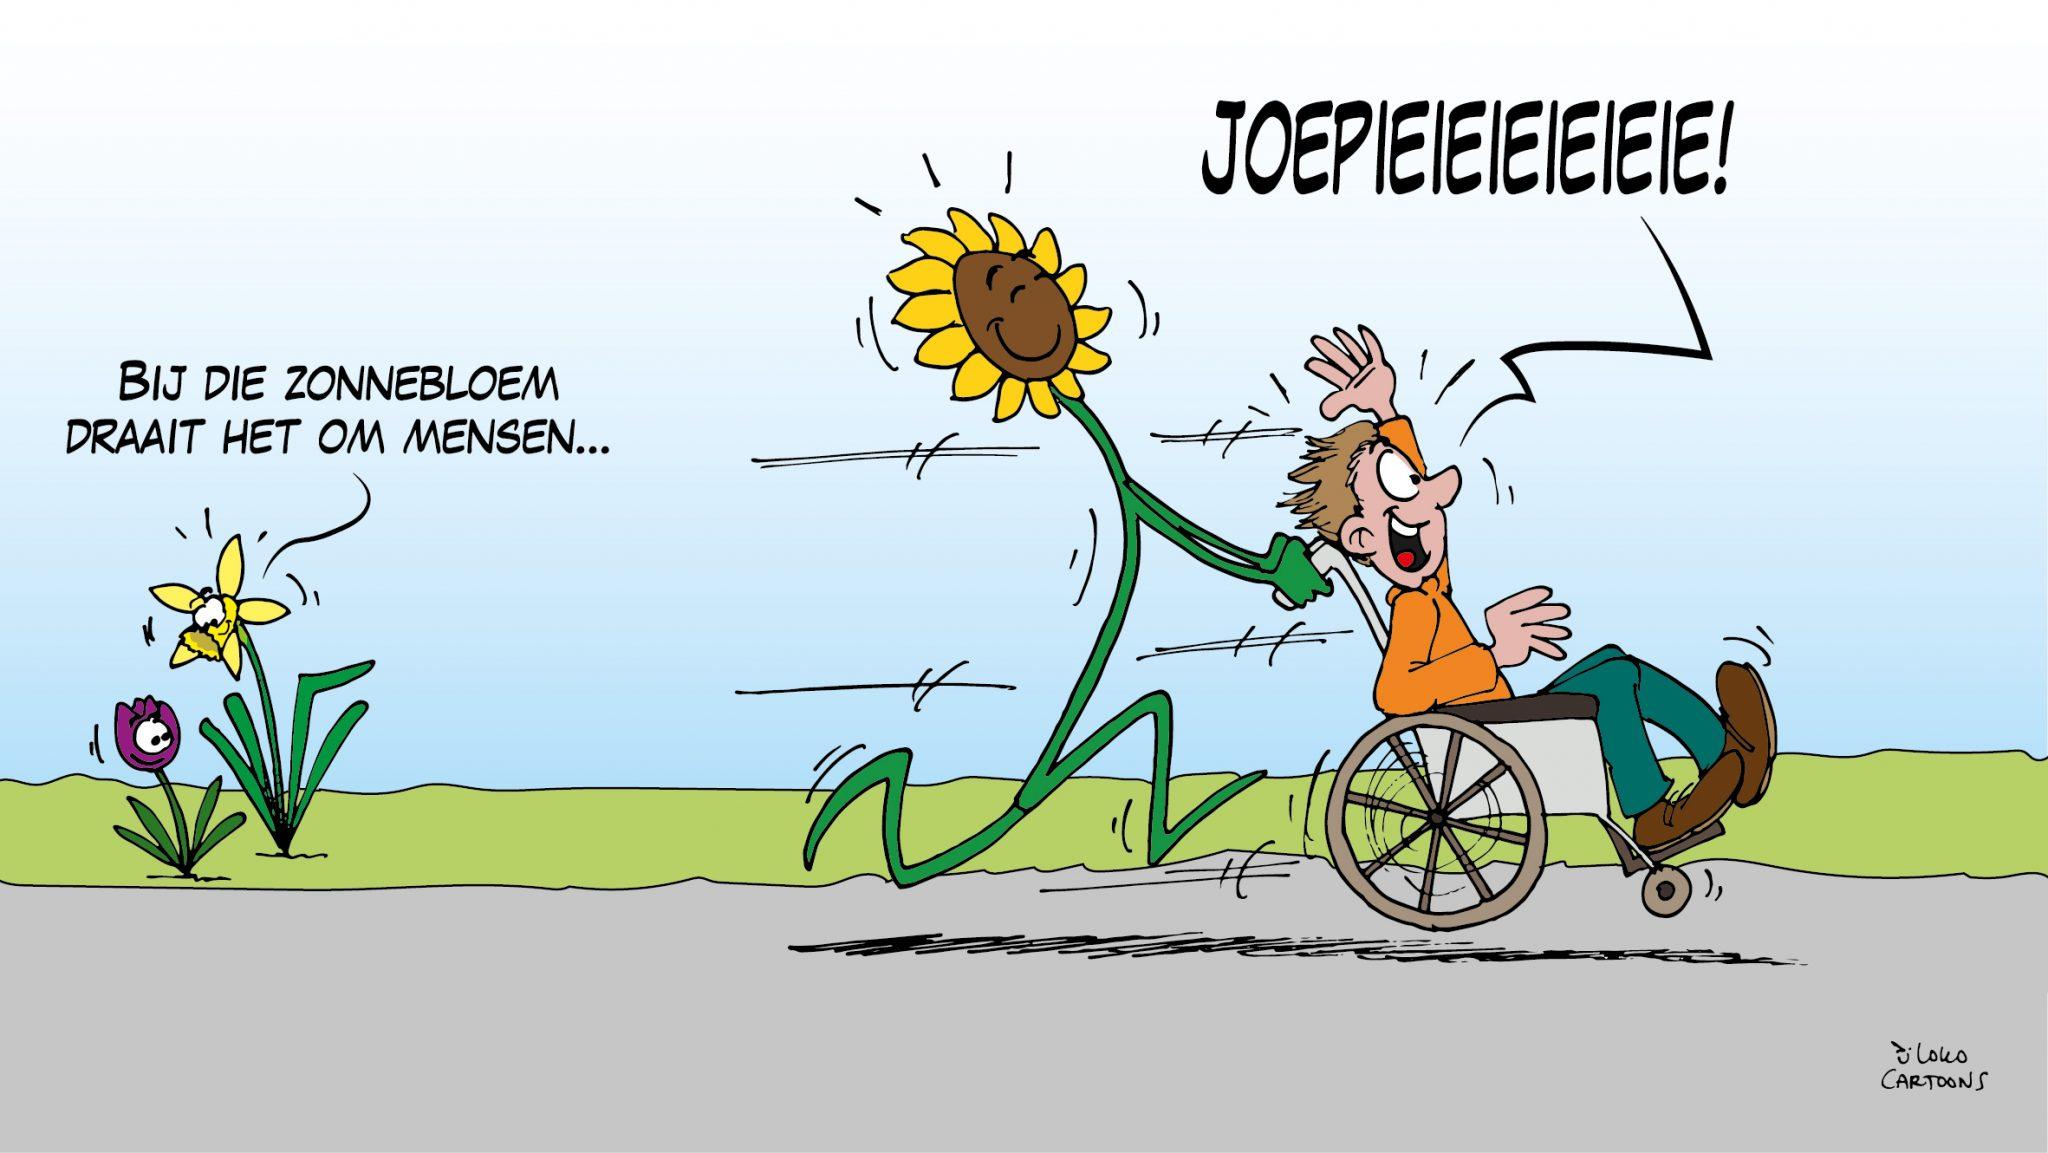 Zonnebloem cartoon landelijk opgepakt!